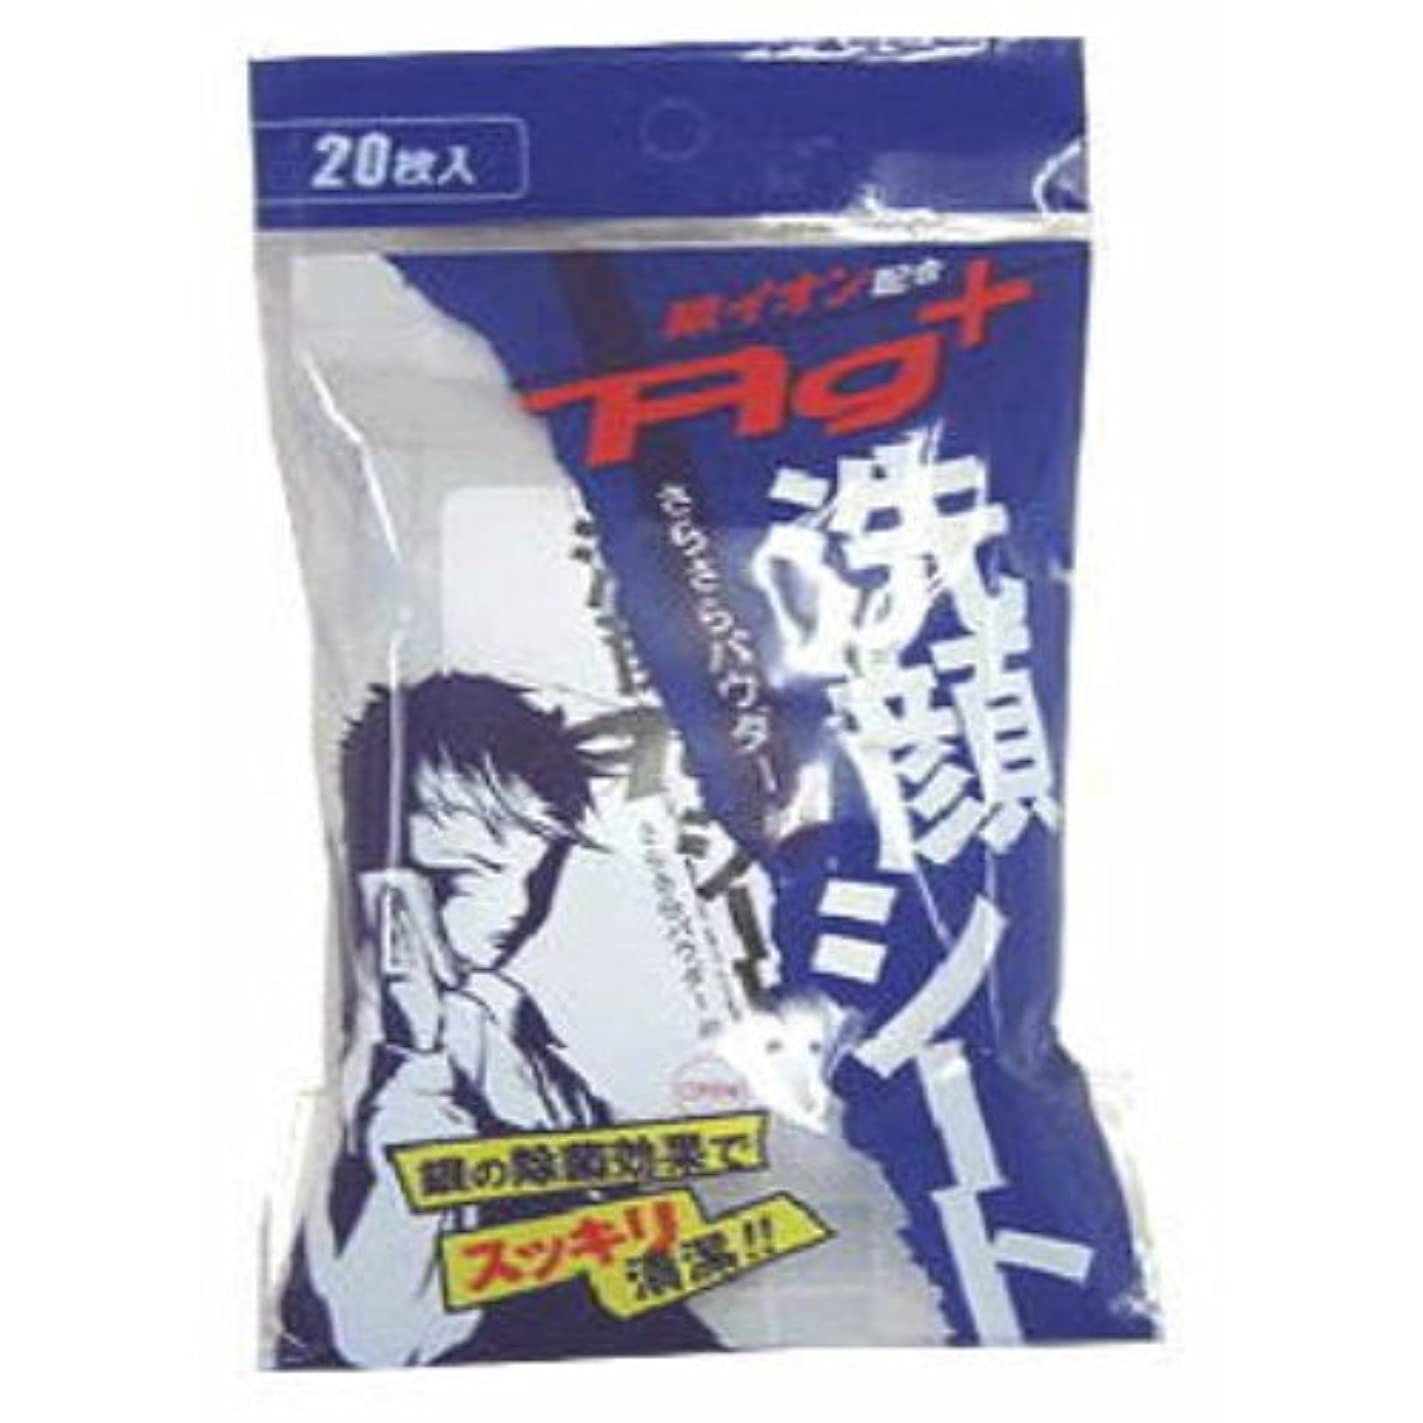 みがきます降下見て昭和紙工業 JEL メンズ AGプラス 洗顔シート20枚 ×20点セット(4957434001751)